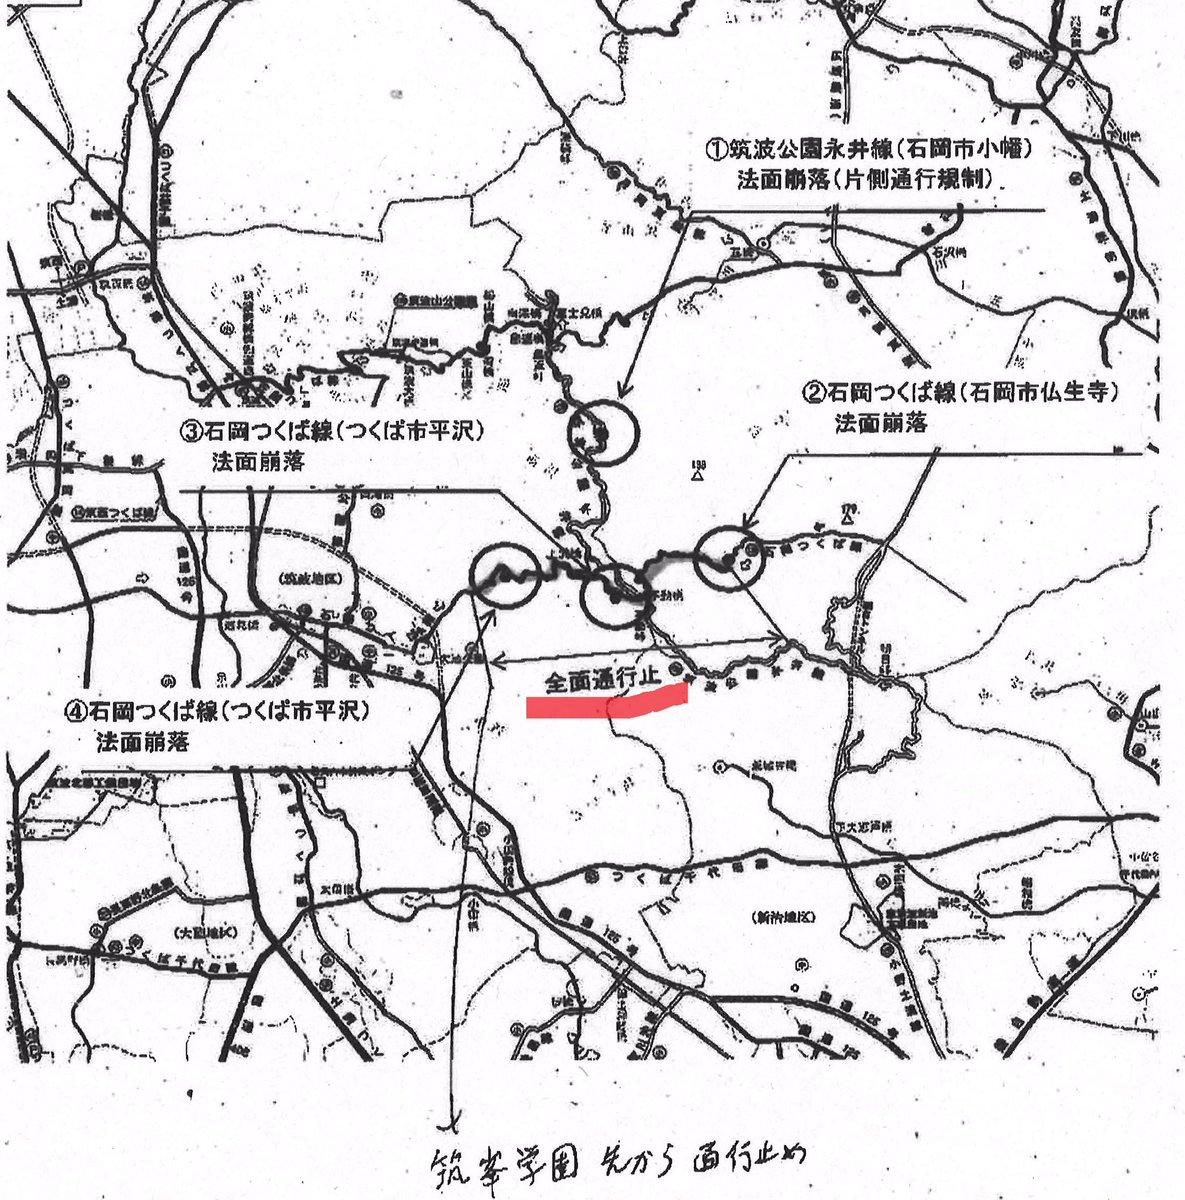 筑波山通行止め情報。現在、つくば市筑峯学園先から石岡市仏生寺までの区間が、大規模な法面崩壊で全面通行止めとなっています。規制解除の時期は未定です。(茨城県土浦土木事務所からの情報)。筑波山へお出かけの際は、ご注意ください。 https://t.co/7Sf8aOkMLb